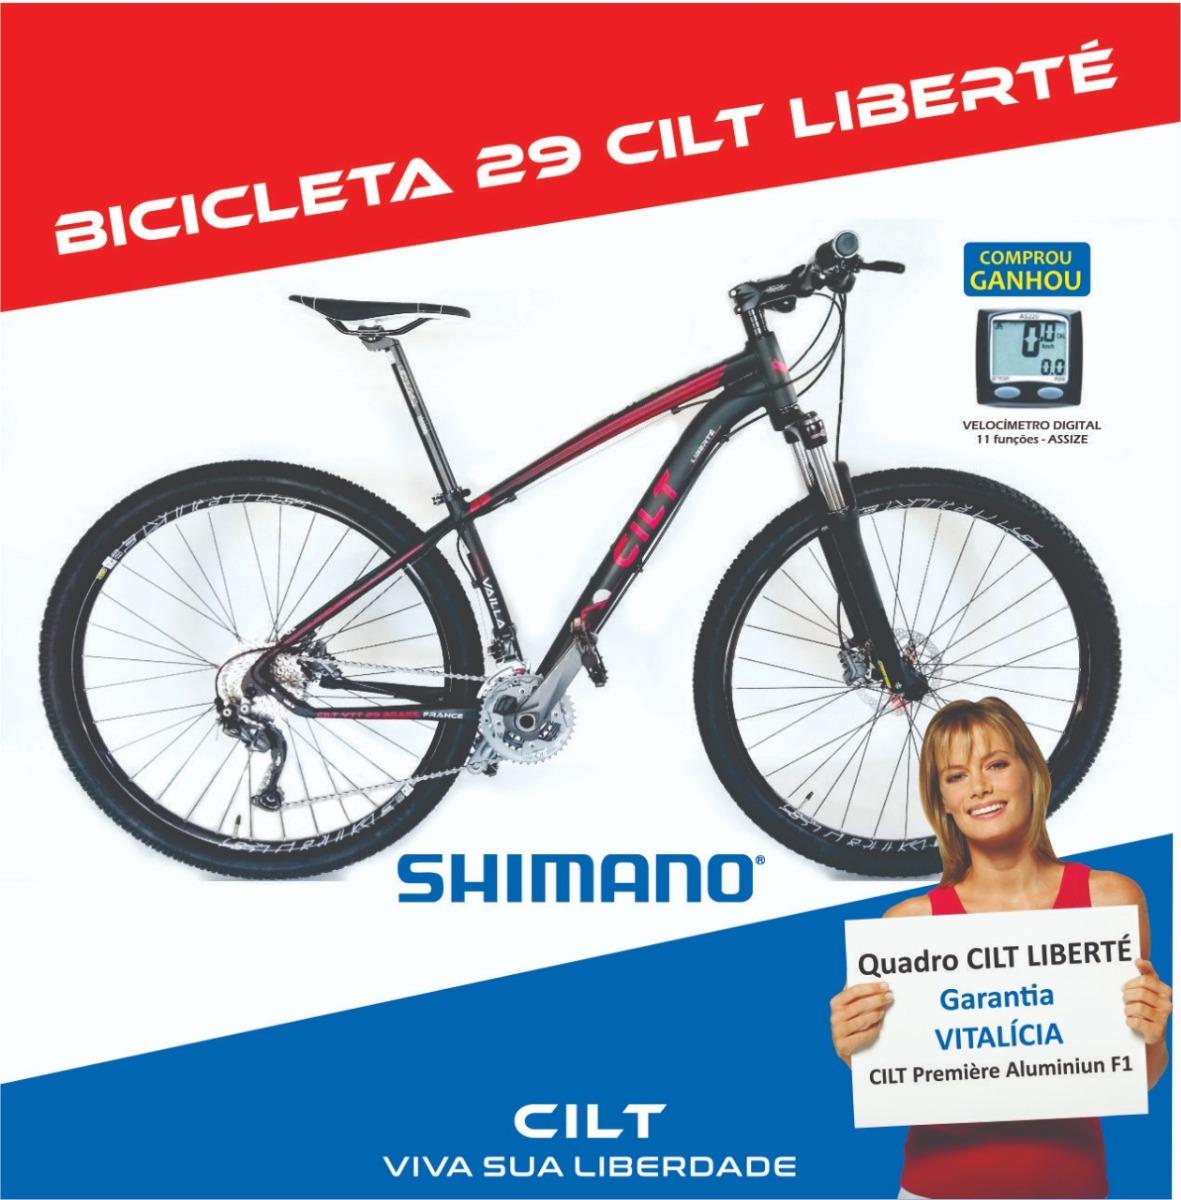 60f97e1e3 bicicleta 29 cilt 7.0 24v shimano acera hidráulico trav l600. Carregando  zoom.